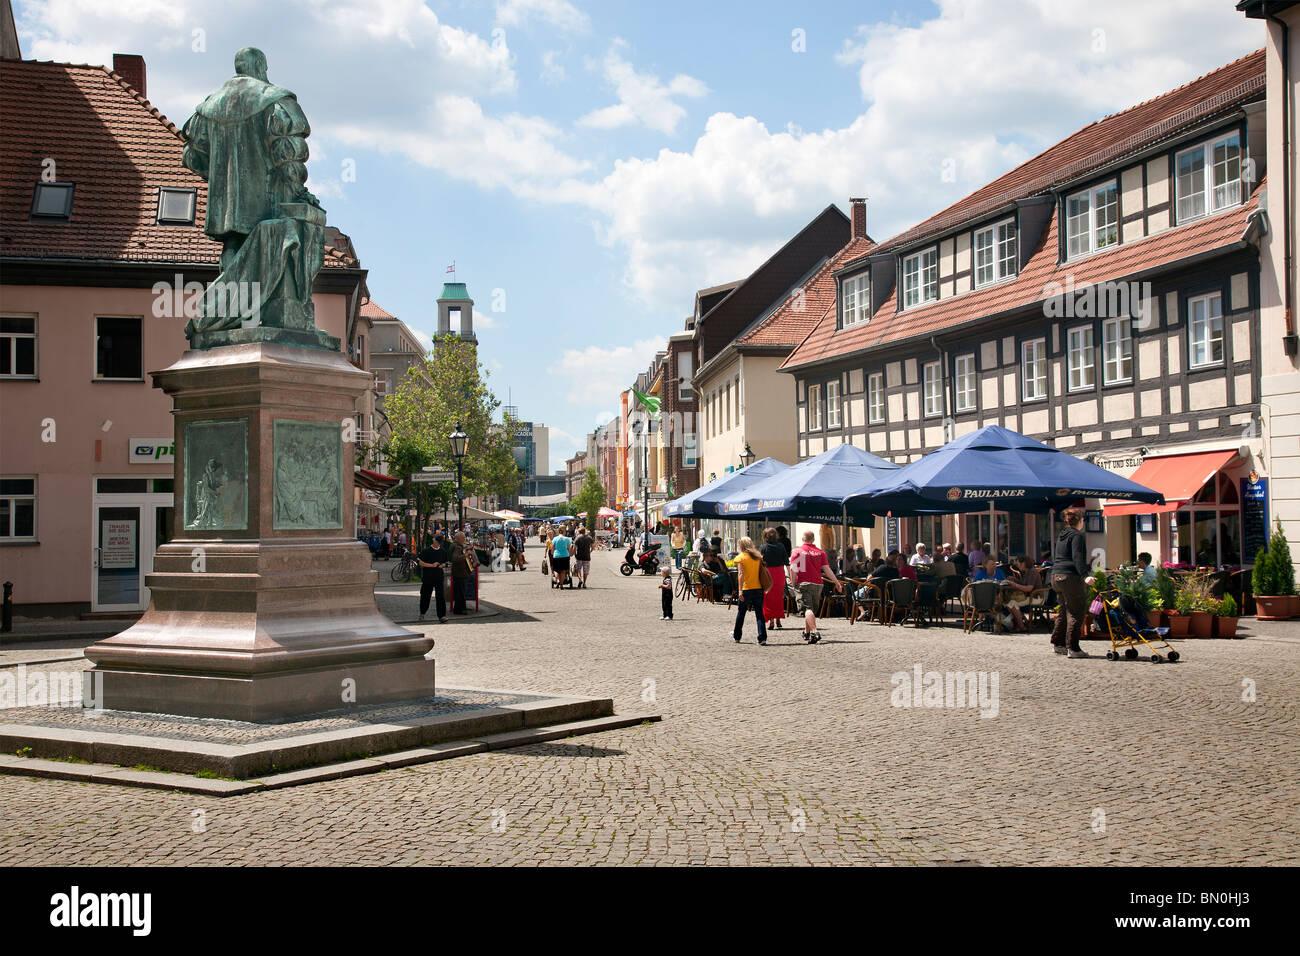 Image Gallery Spandau Germany